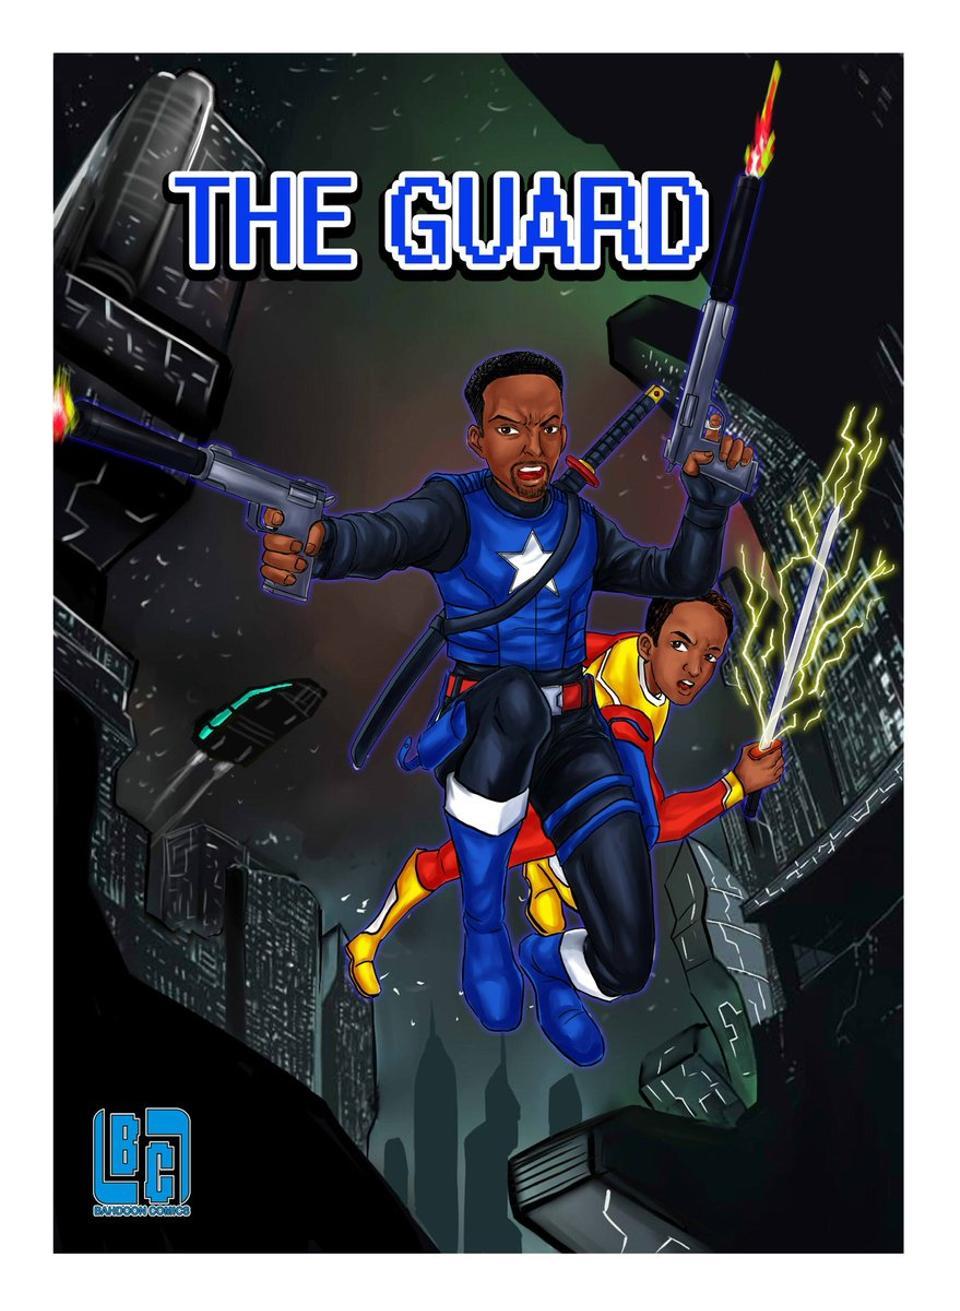 The Guard is a futuristic sci-fi based in Mogadishu.